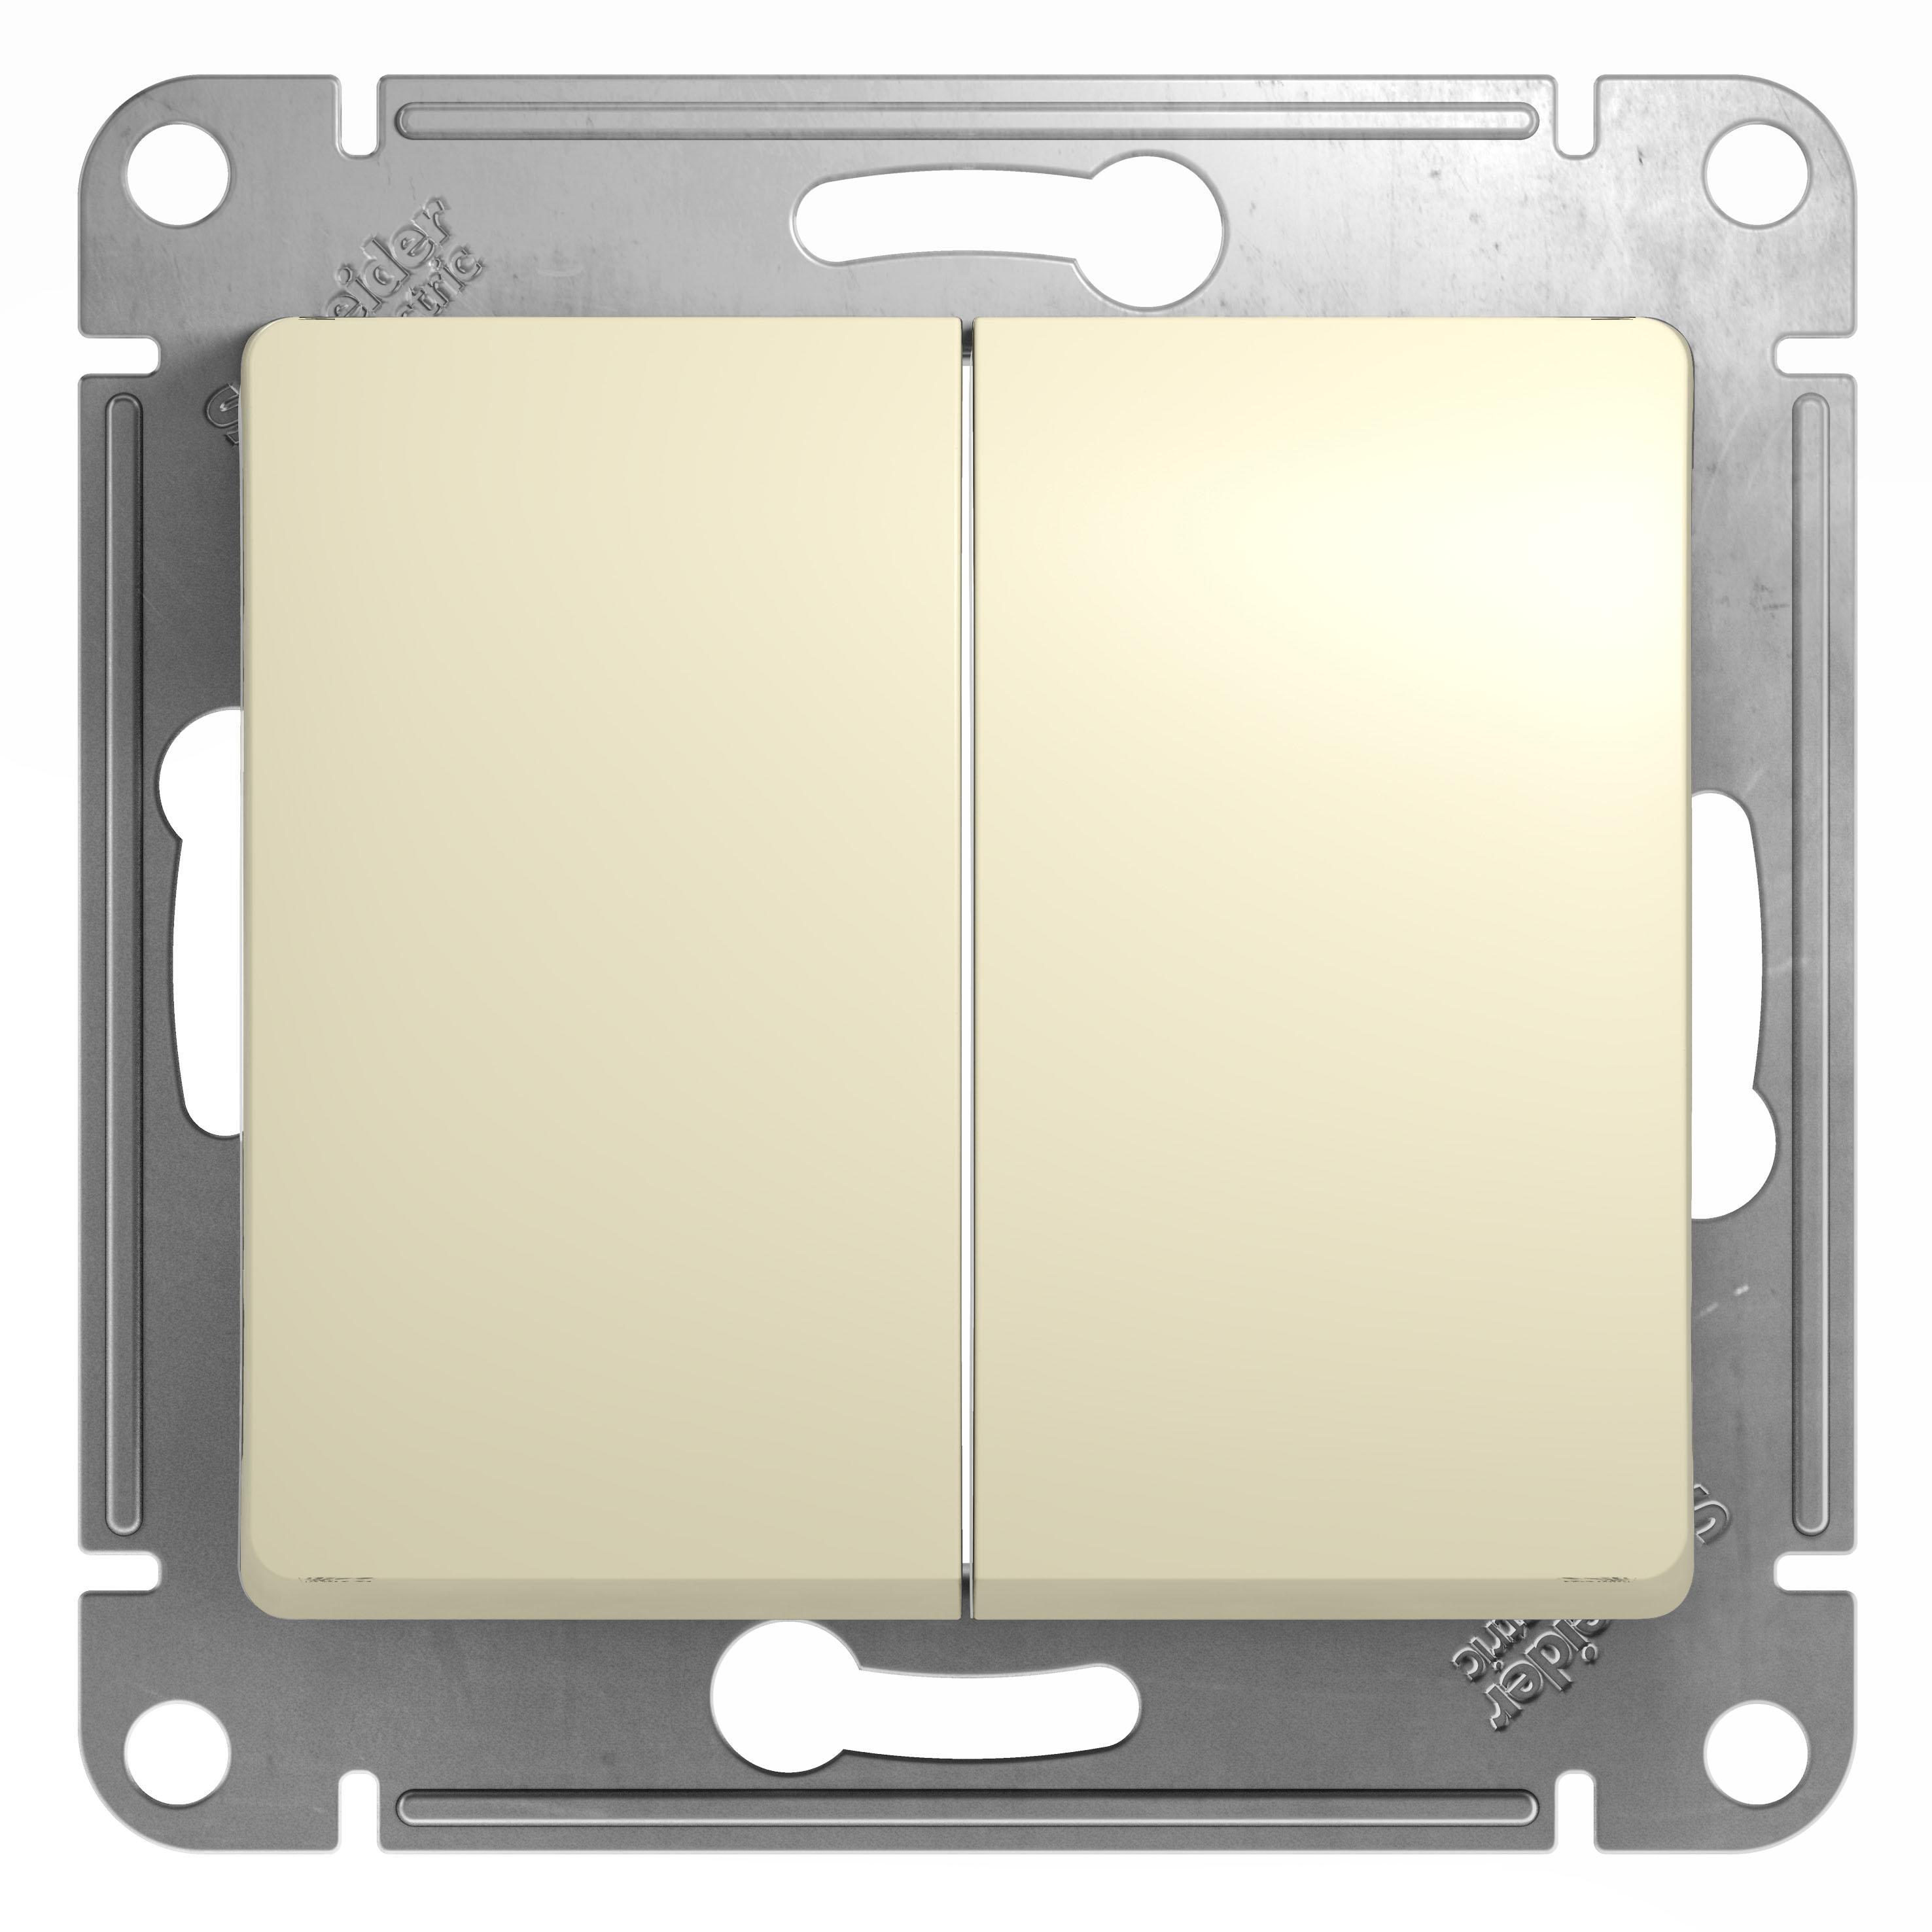 Механизм выключателя Schneider electric Gsl000251 glossa механизм выключателя schneider electric glossa белый 1 клавишный с подсветкой gsl000113